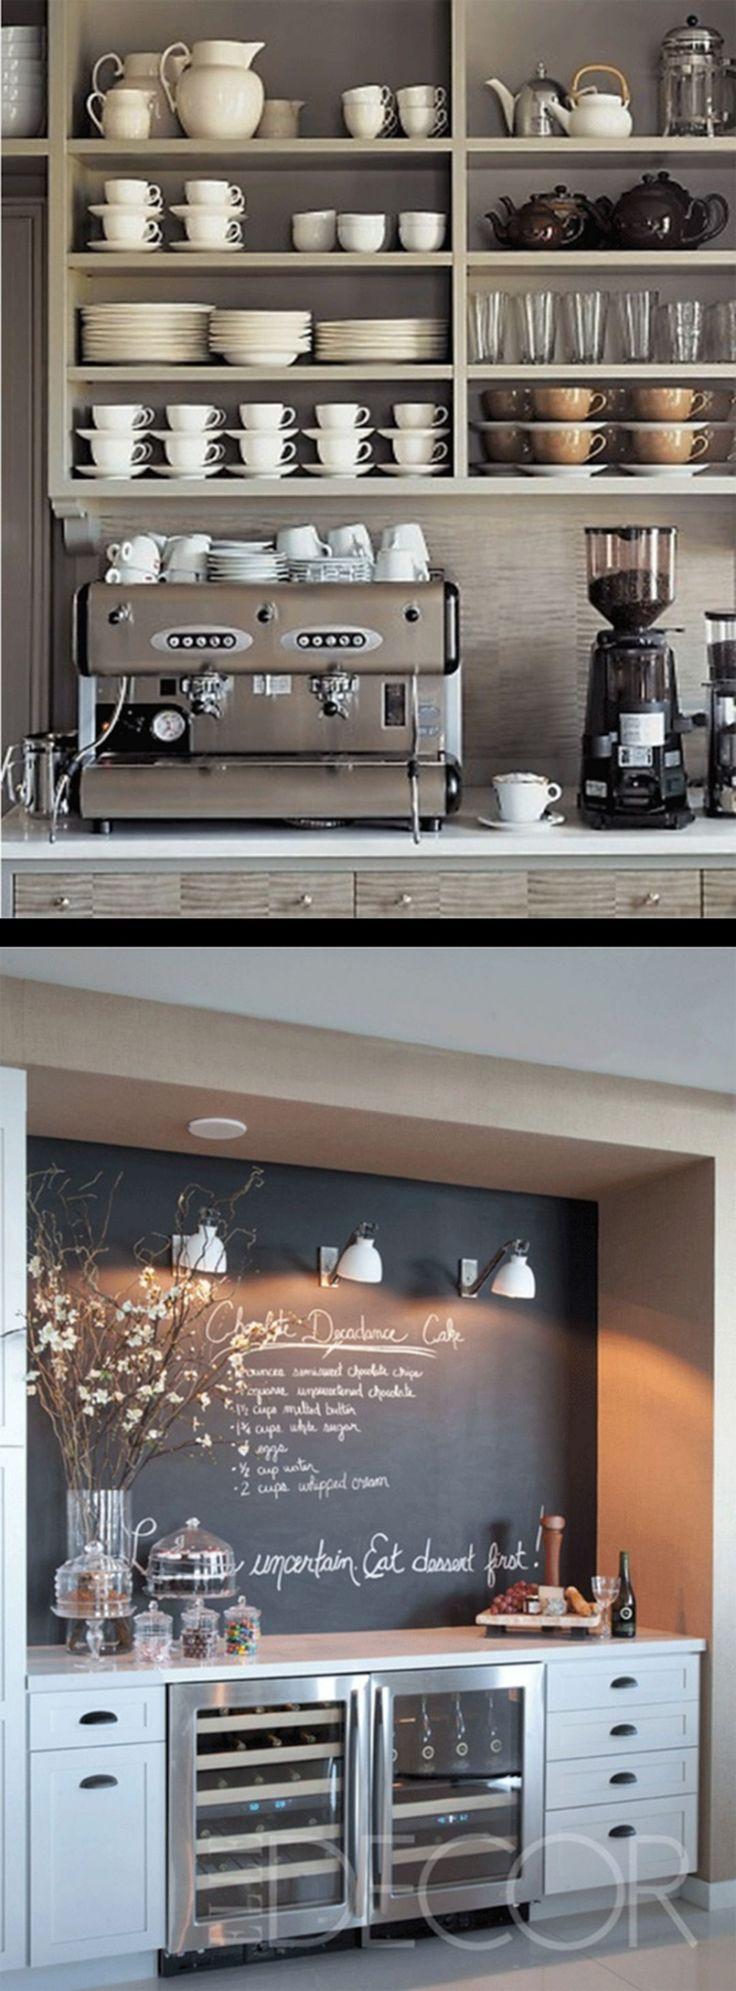 Phenomenon 75+ Elegant Home Coffee Bar Design And Decor